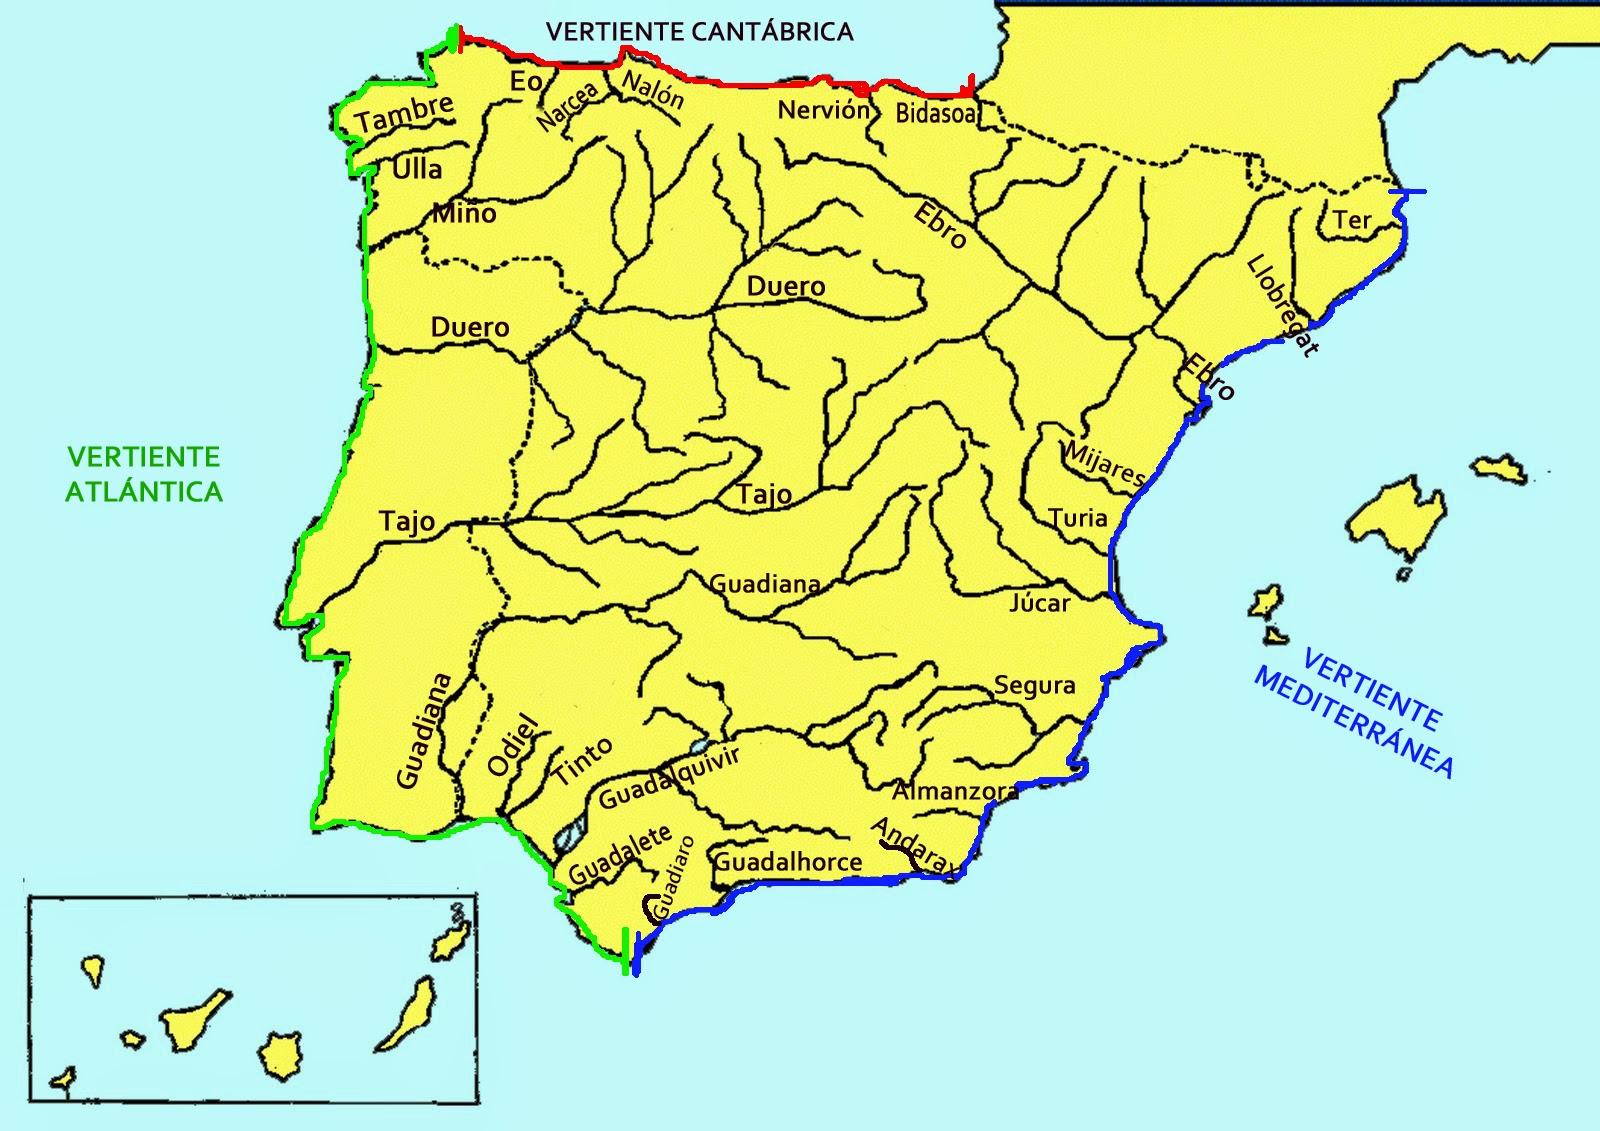 Mapa Rios De España 6 Primaria.Mapa Rios De Espana Para Estudiar El Blog De Olimpia